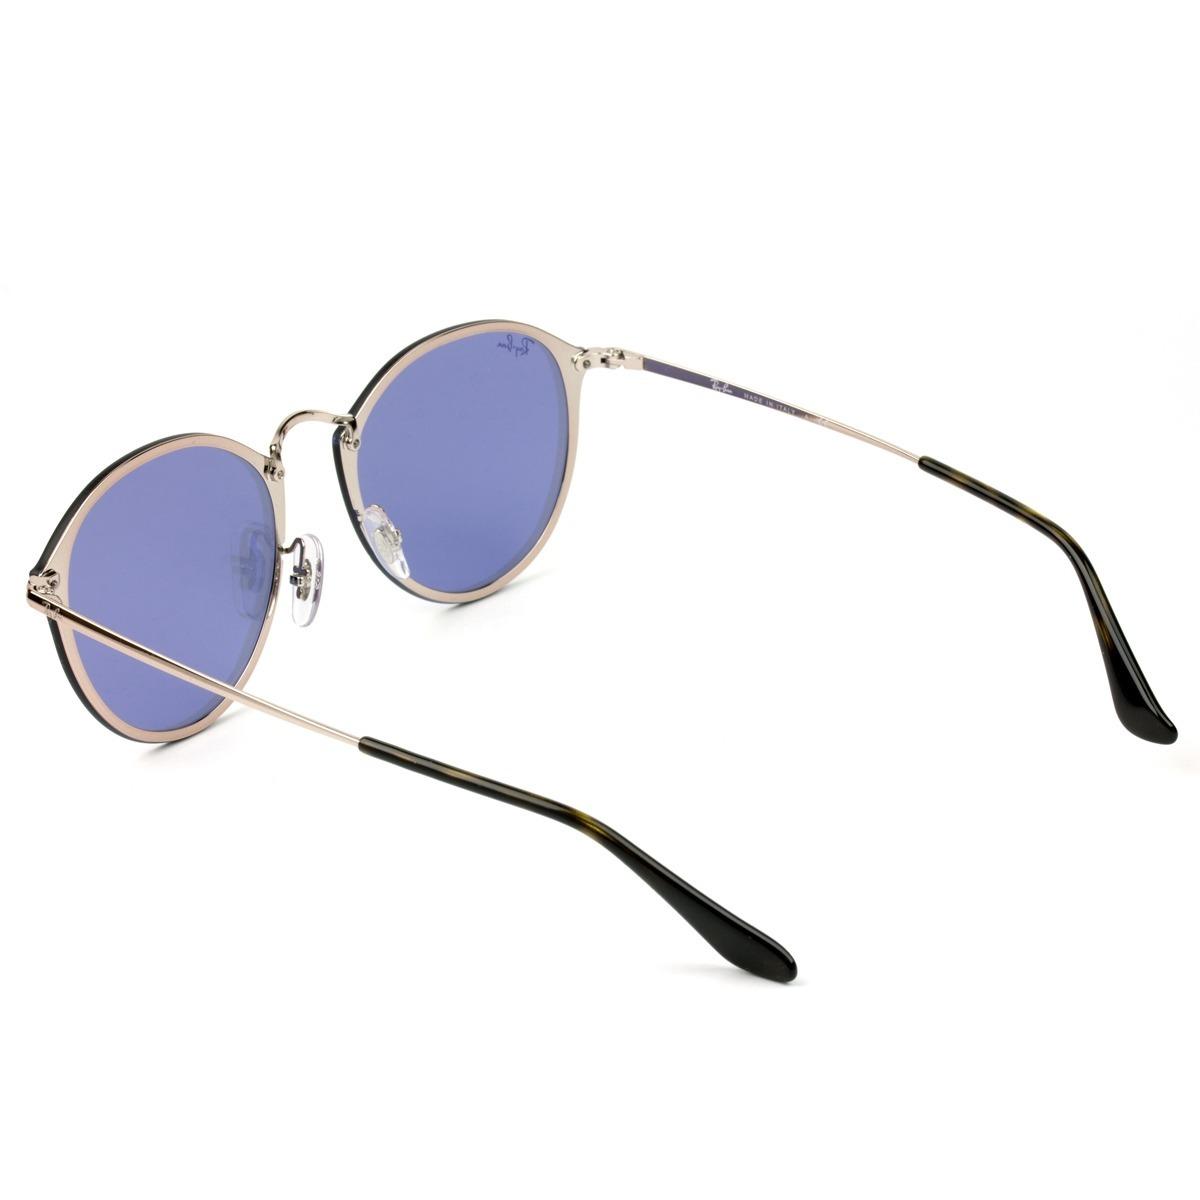 69bebe95e2f05 ray ban blaze round rb3574n 9035 1u 59 - óculos de sol. Carregando zoom.